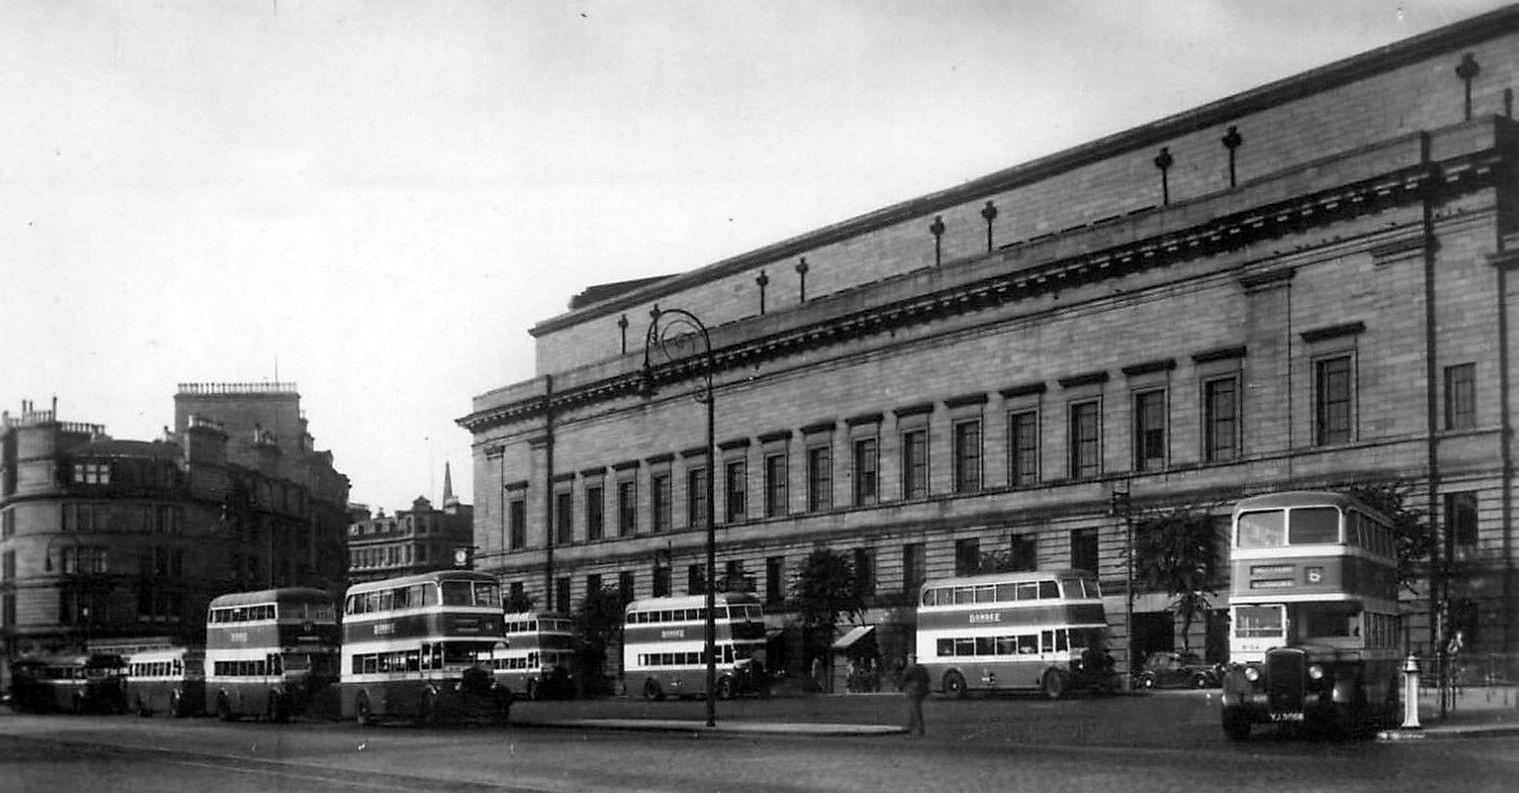 Tour Scotland: Old Photograph Shore Terrace Bus Station